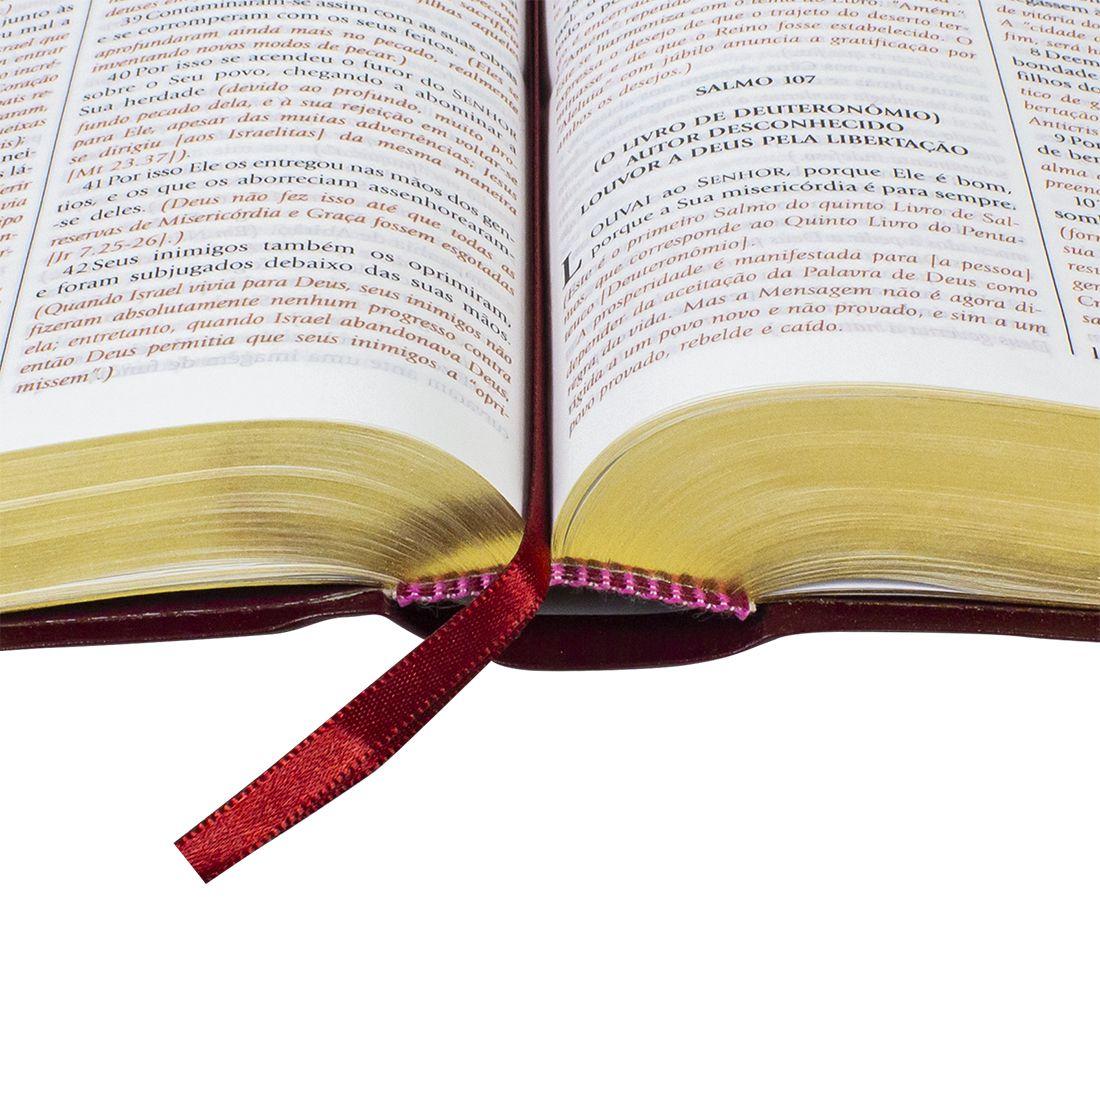 Bíblia de Estudo do Expositor - Capa couro bounded vinho: Nova Versão Textual Expositora  - Universo Bíblico Rs